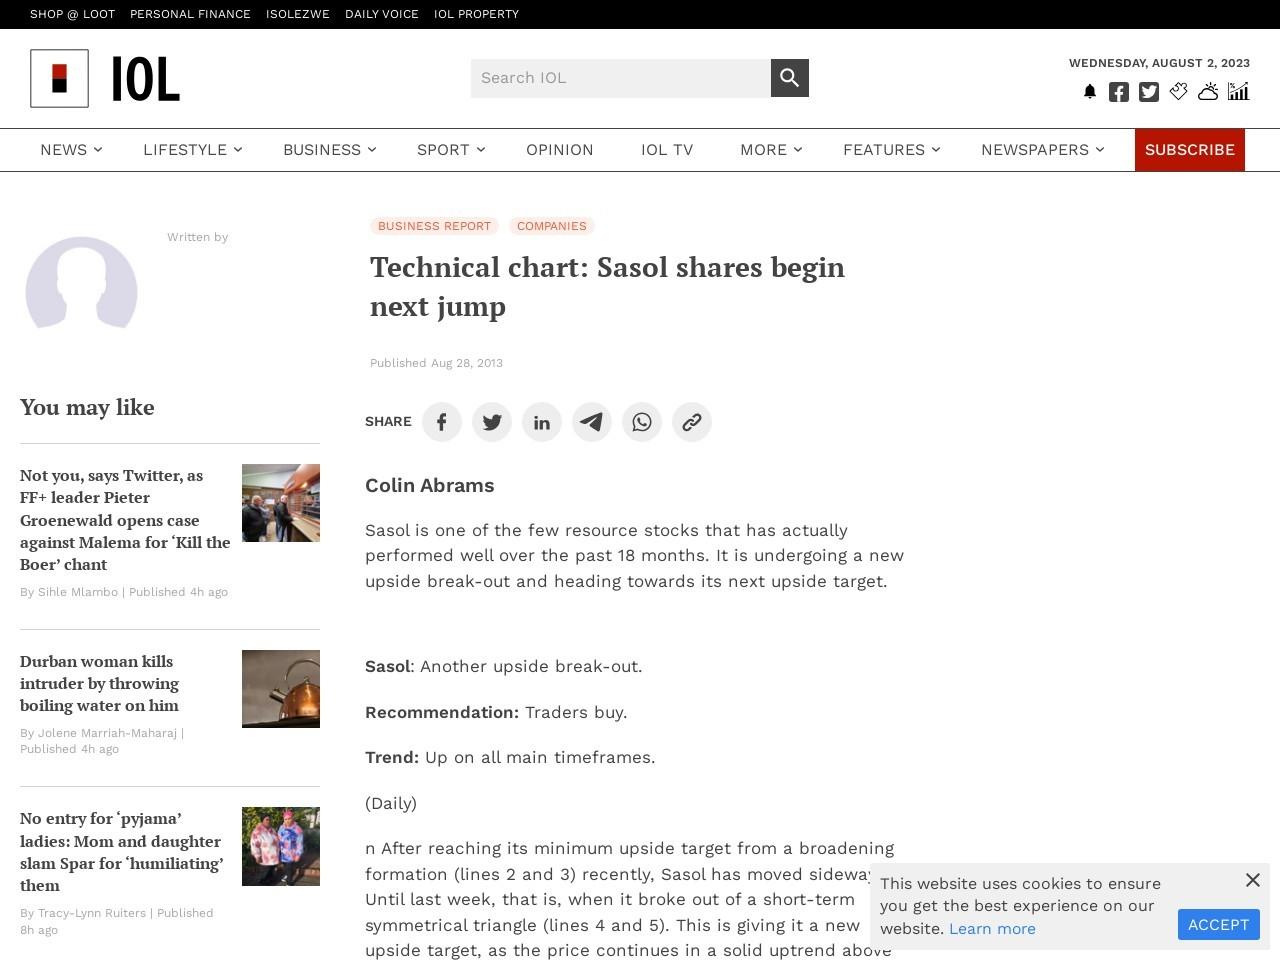 Technical chart: Sasol shares begin next jump